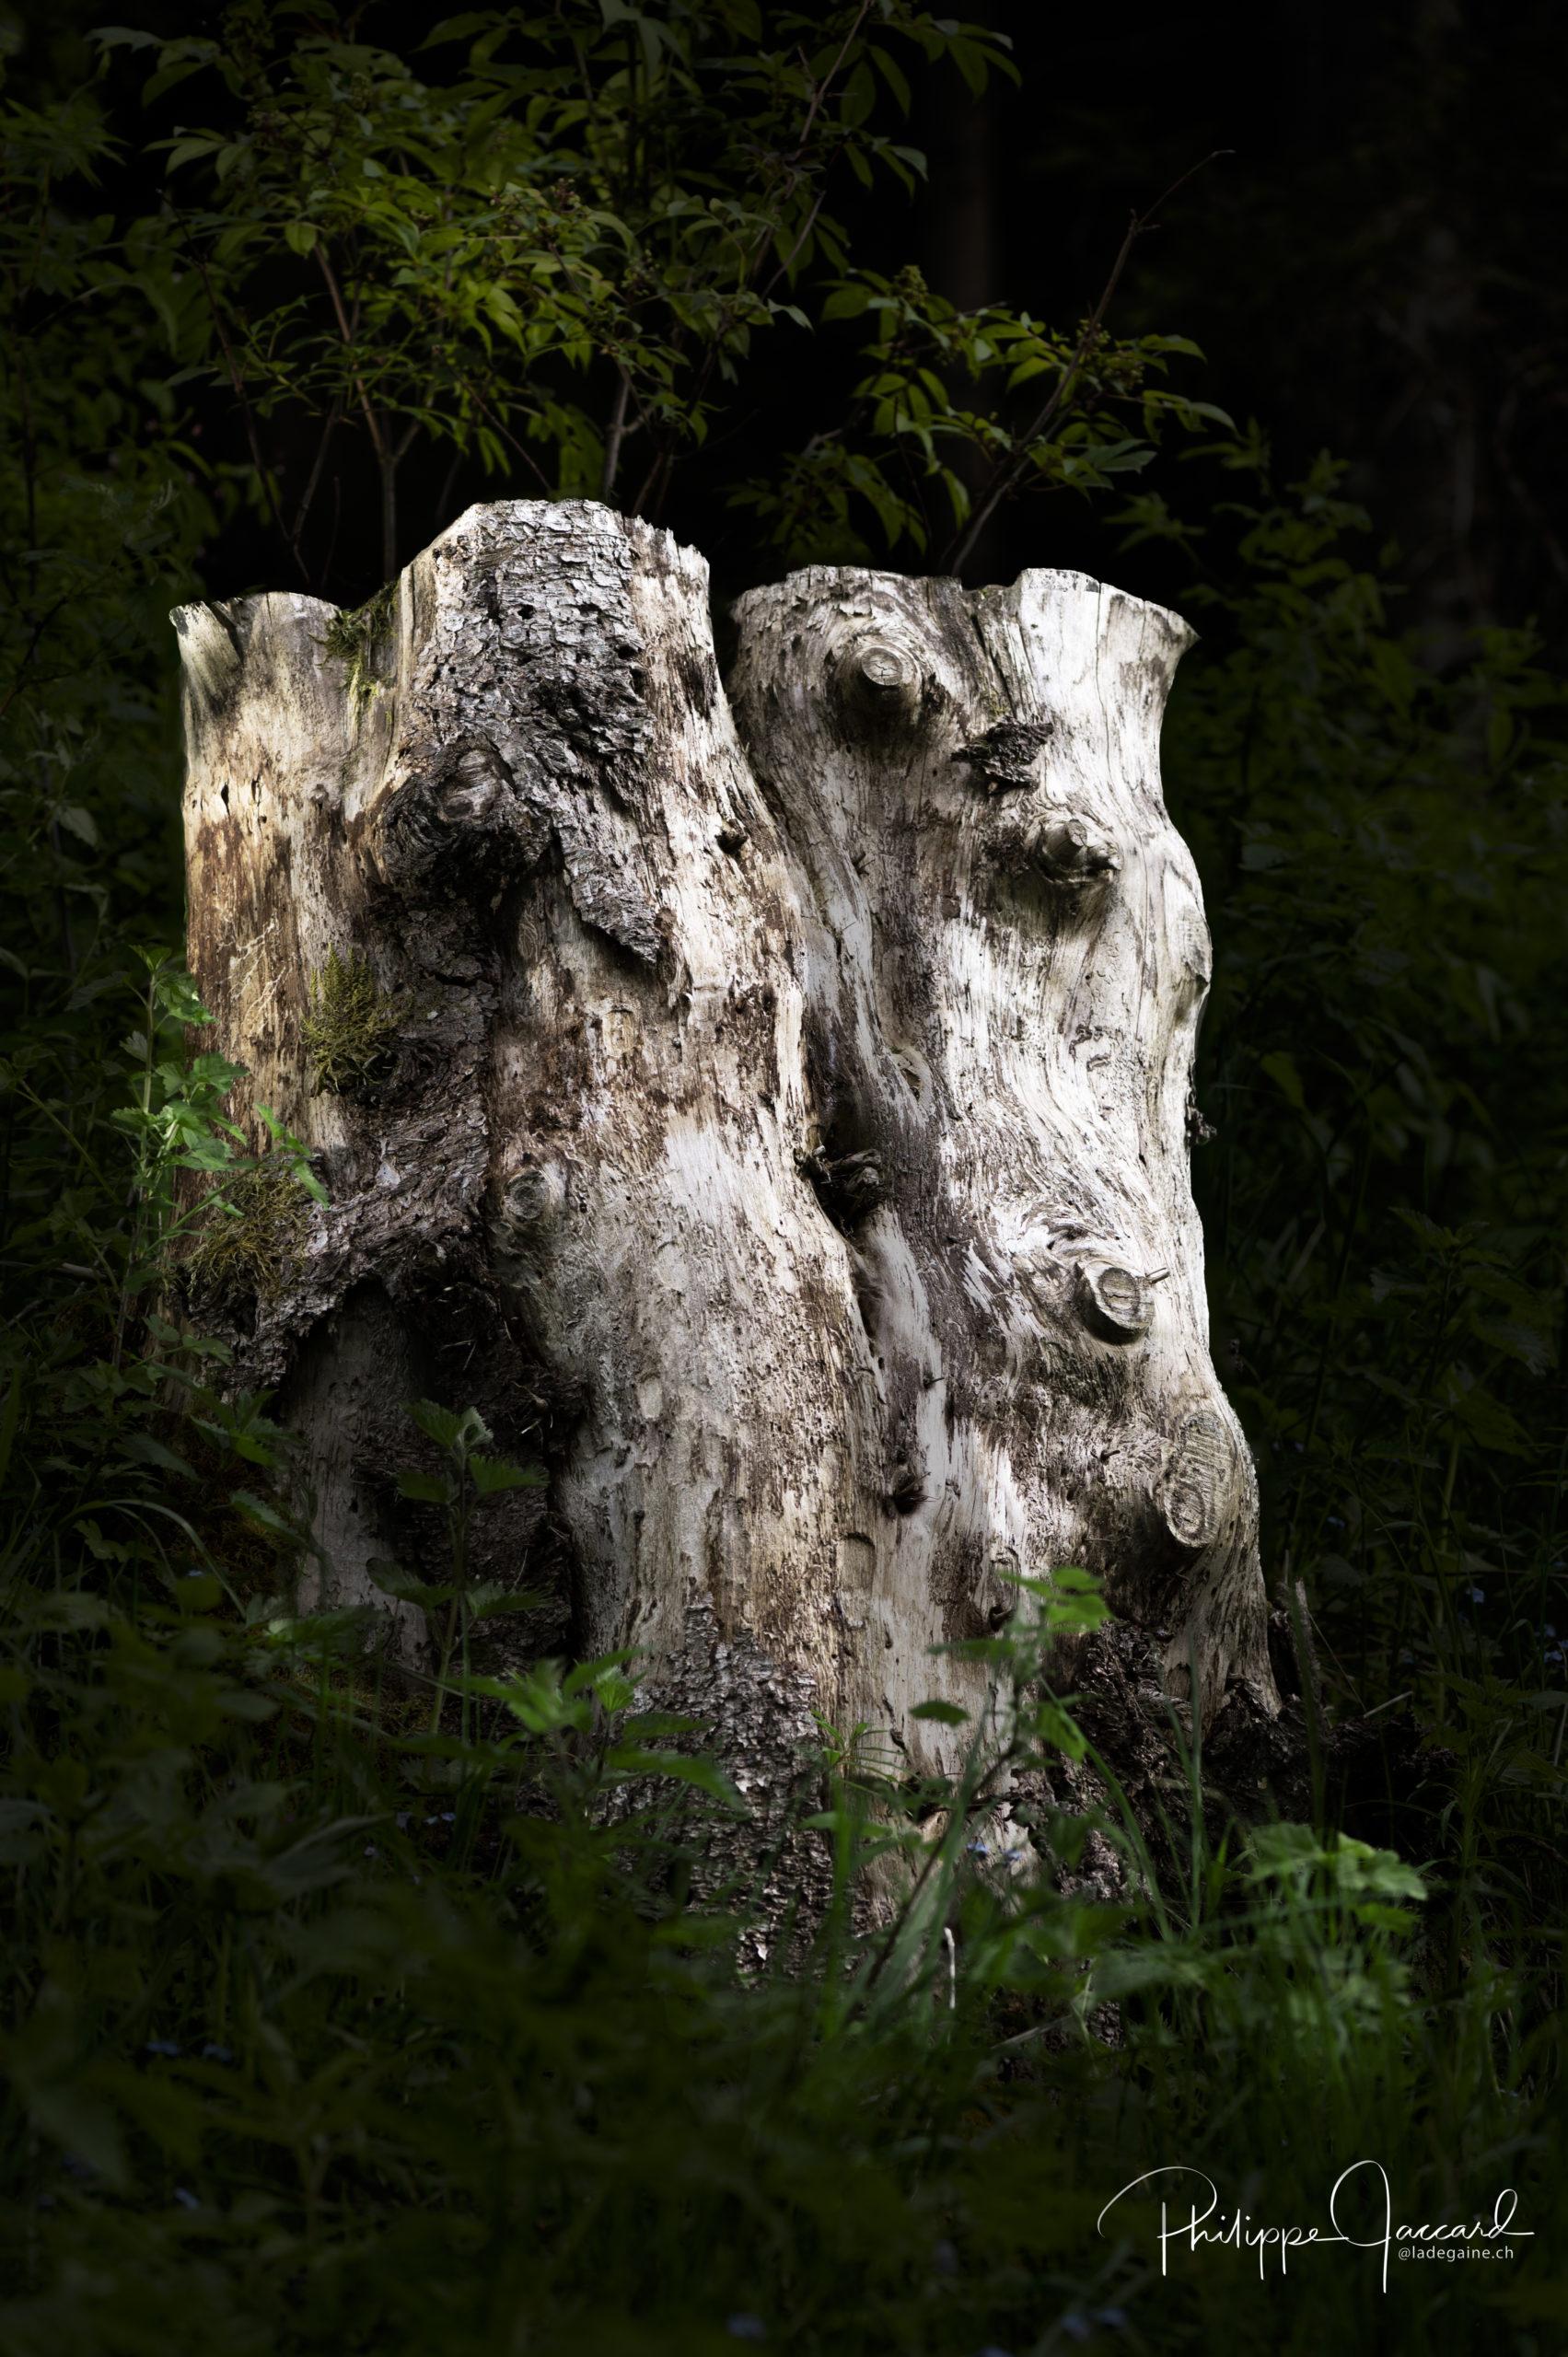 Présences de nos forêts @ près de chez moi – tete a tete par Philippe Jaccard